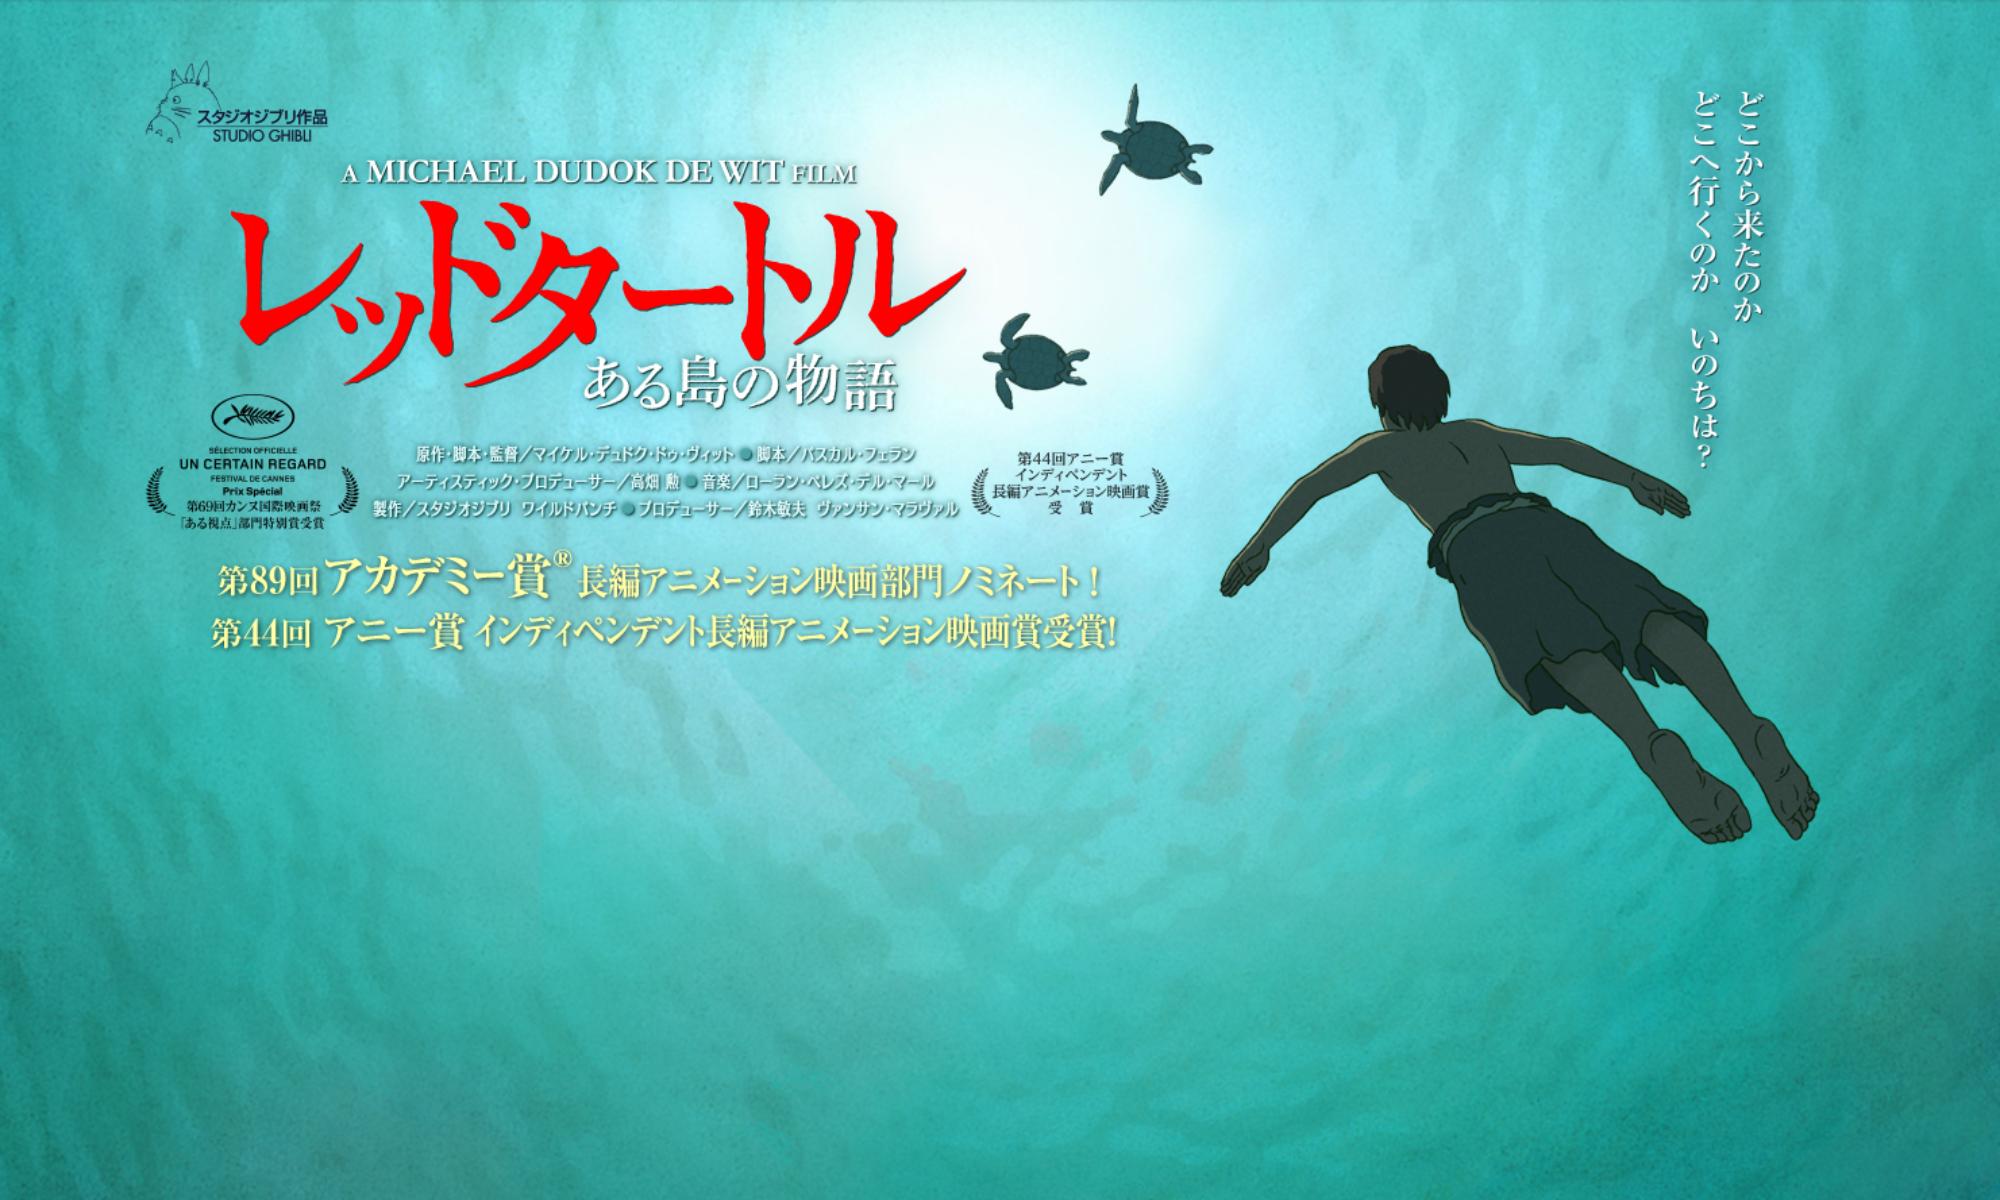 映画『レッドタートル ある島の物語』